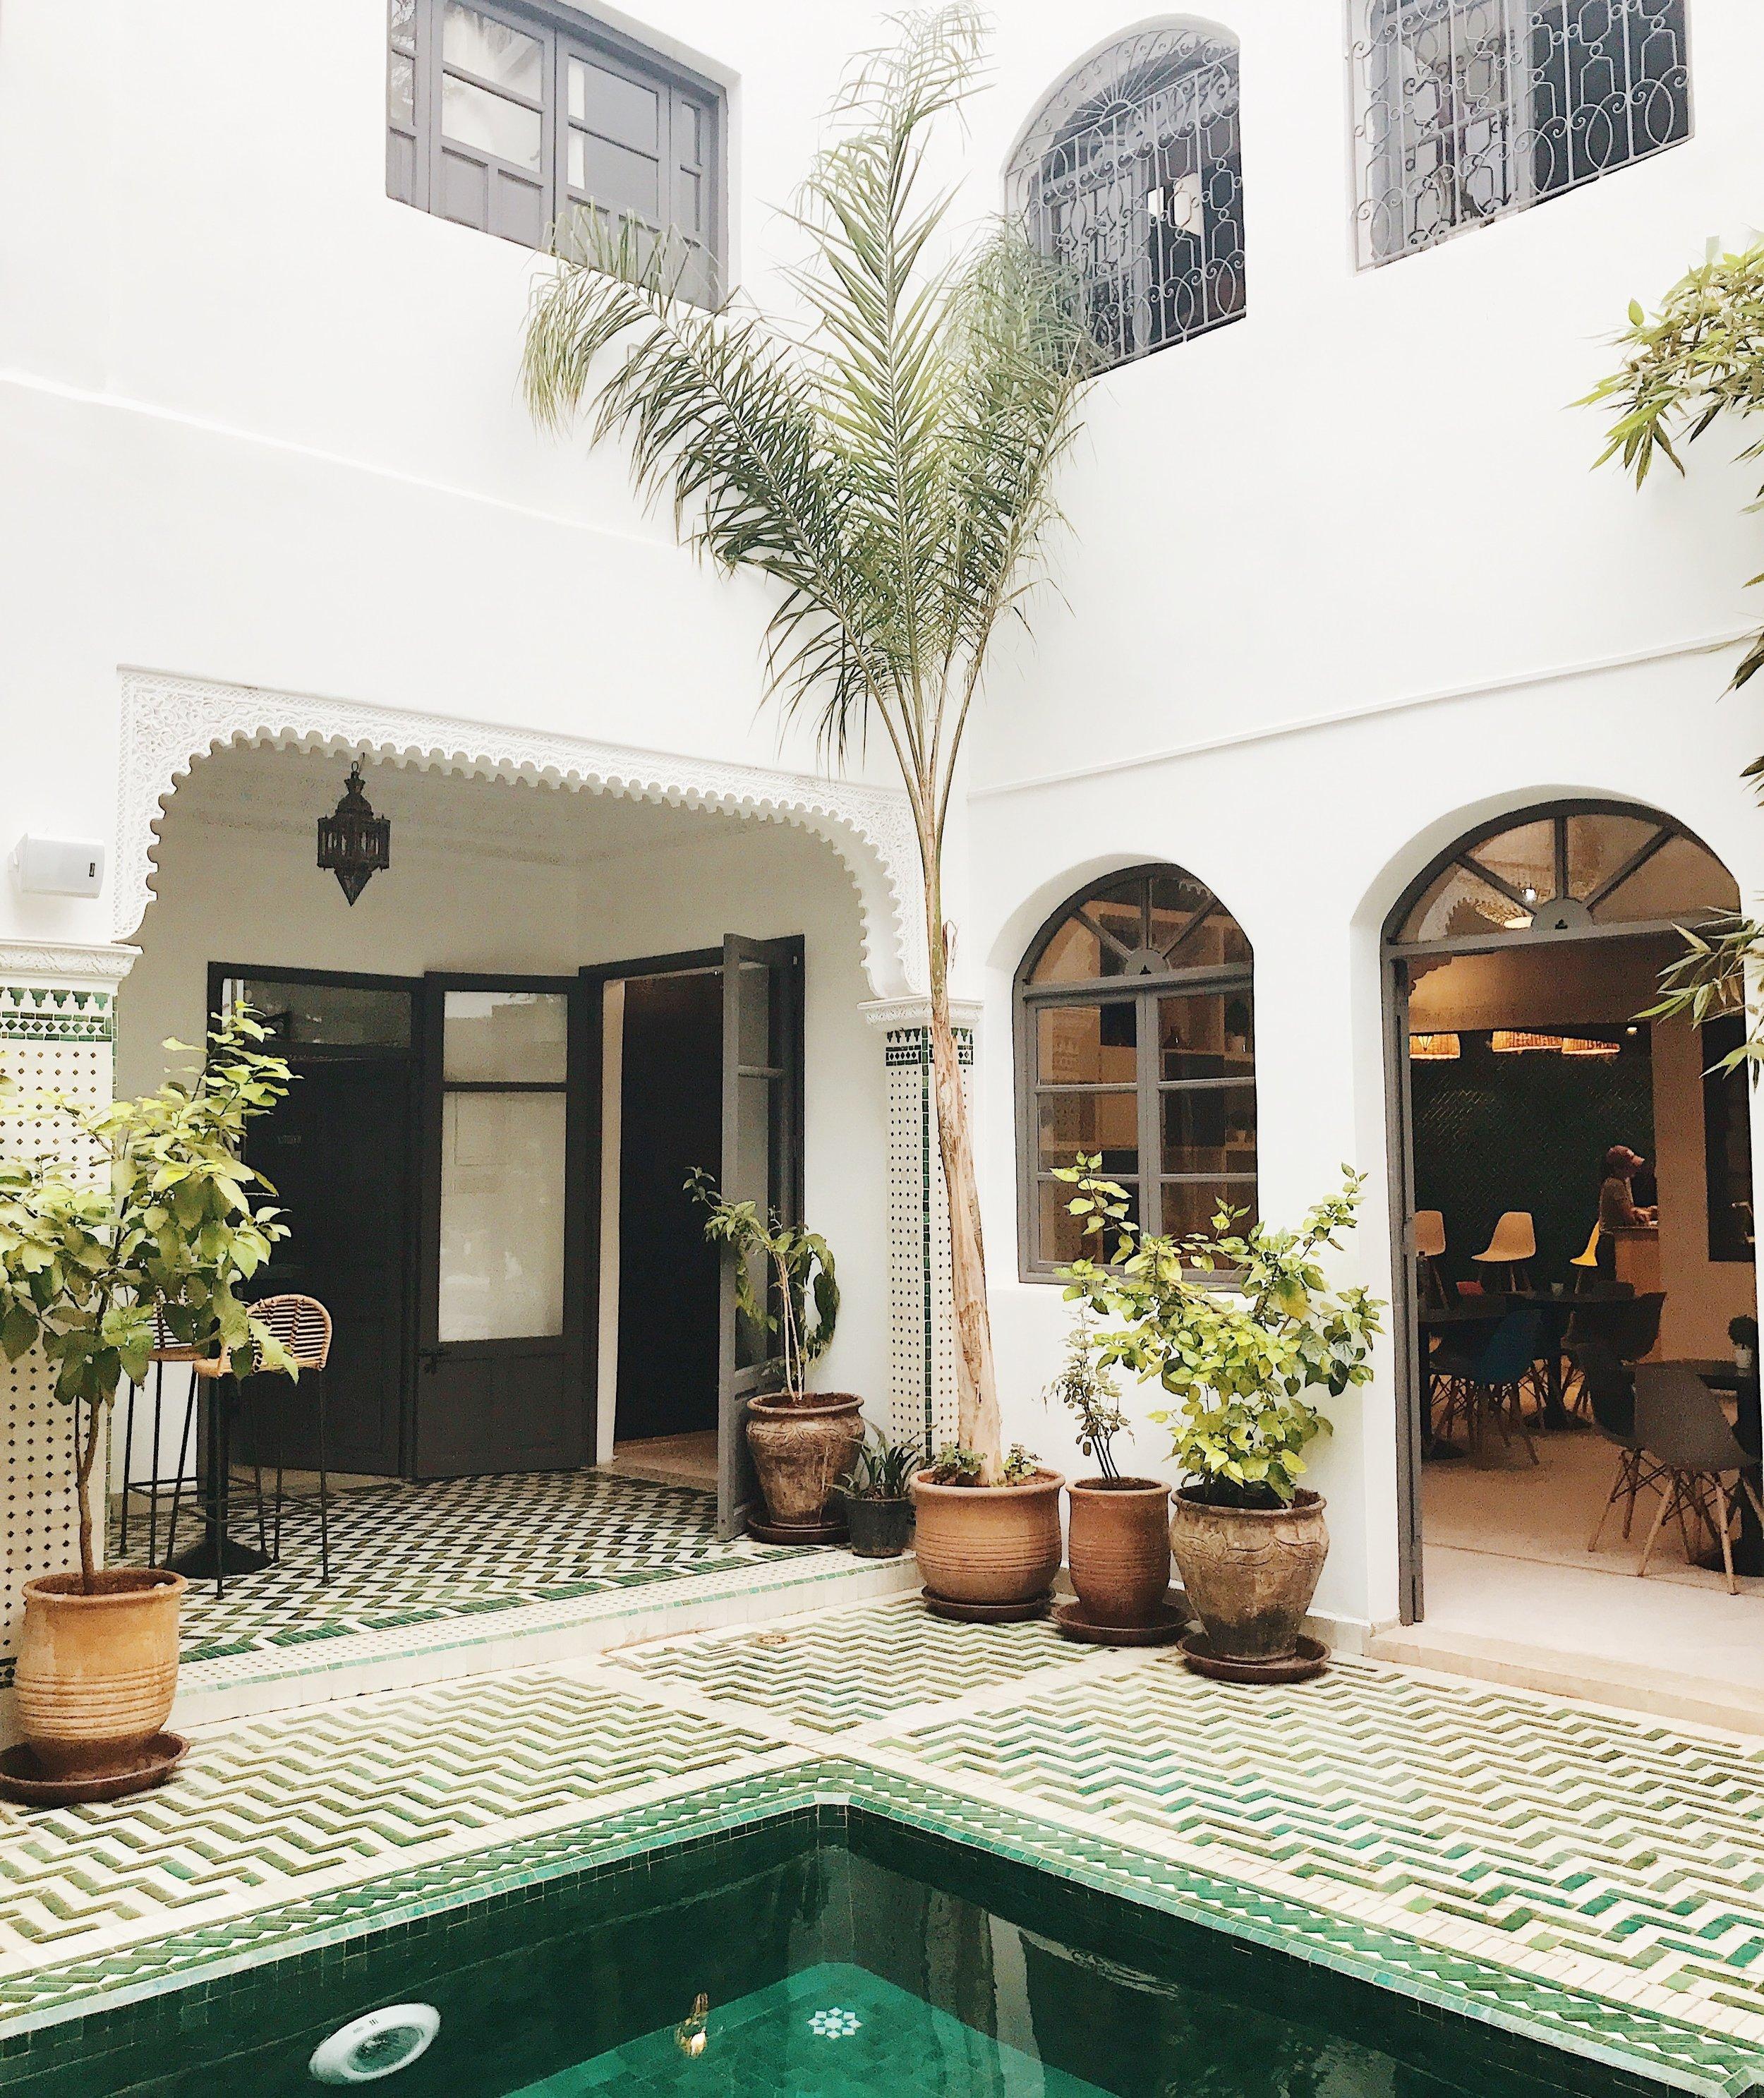 Rodamon Hostel Marrakech Review_You Me Travel Co